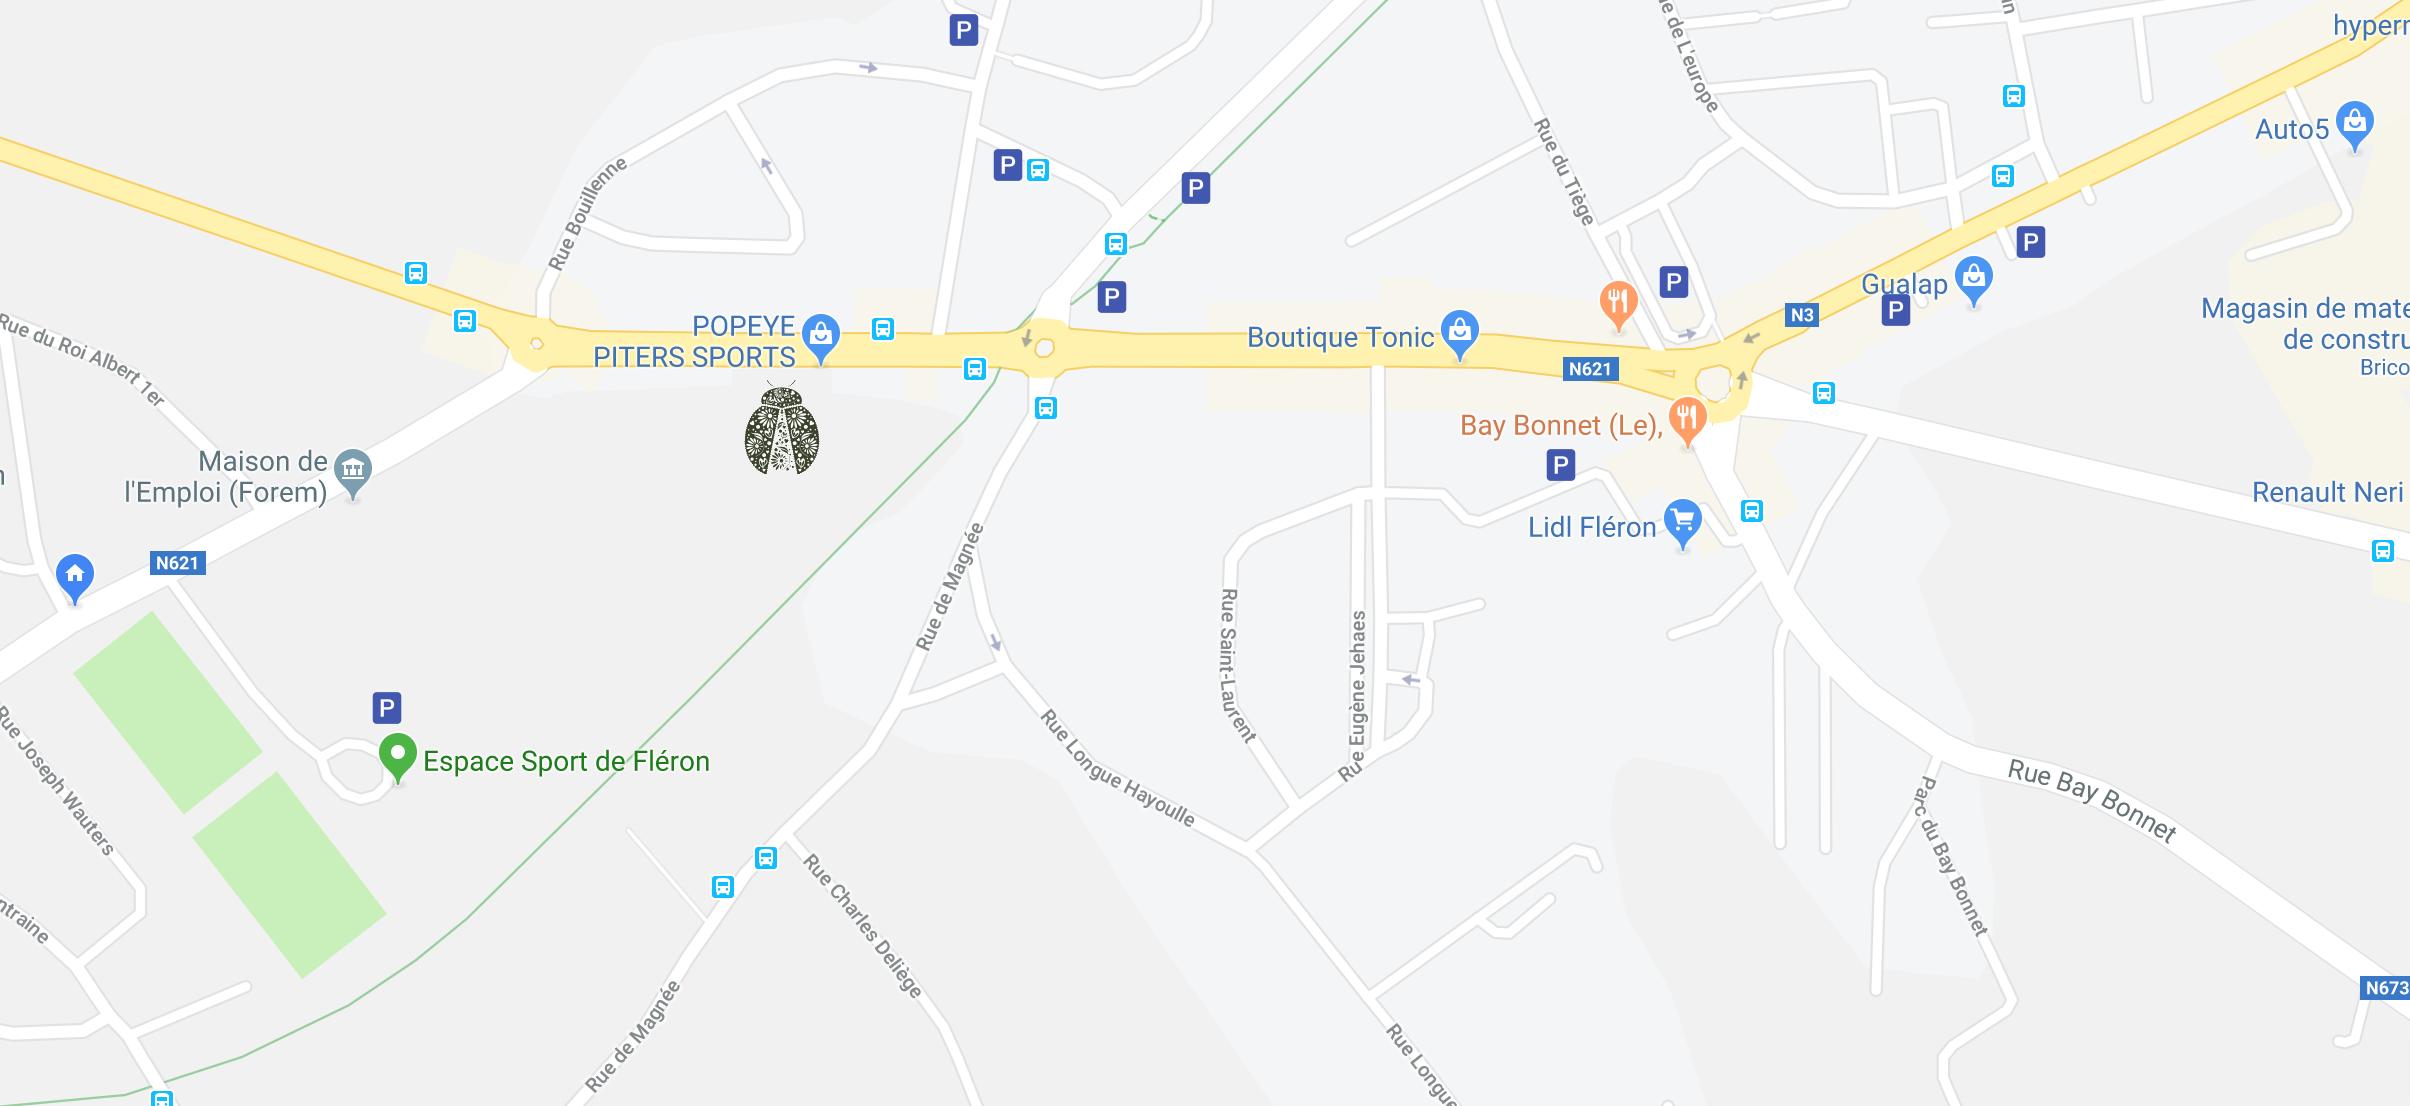 La Coccinelle - Une épicerie Vrac, Locale & Ethique